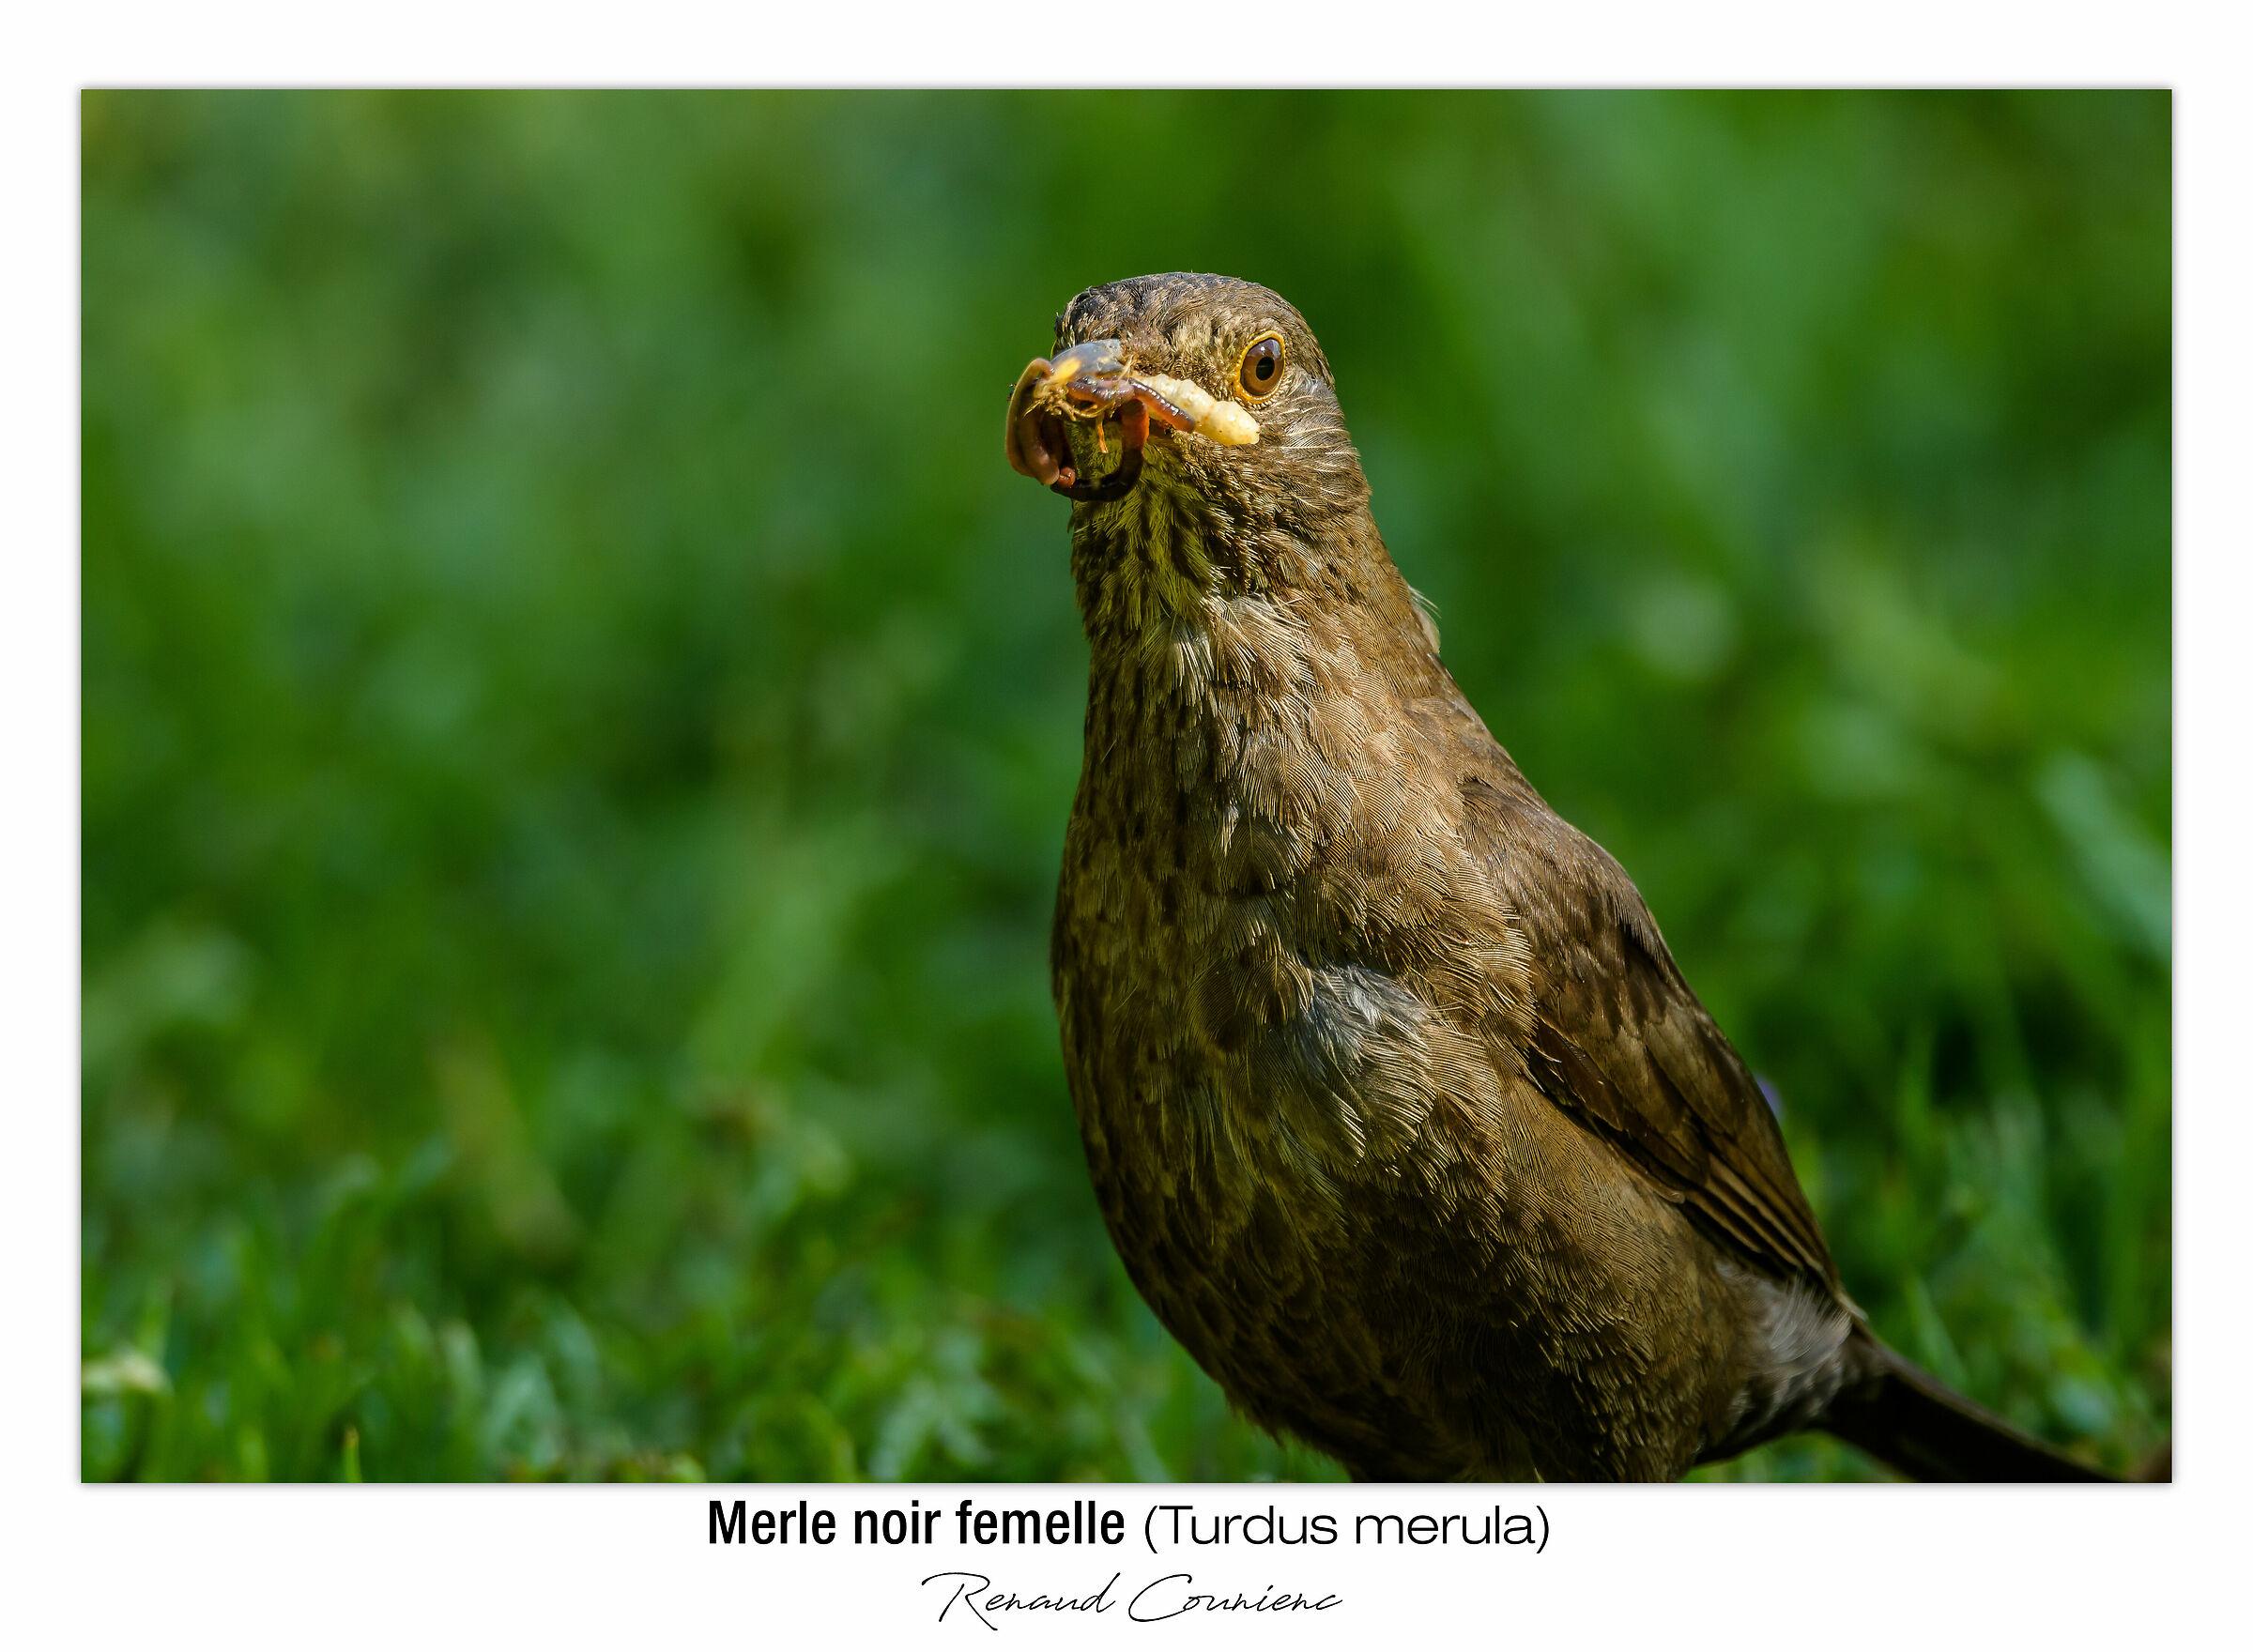 Merlo femmina (full frame)...